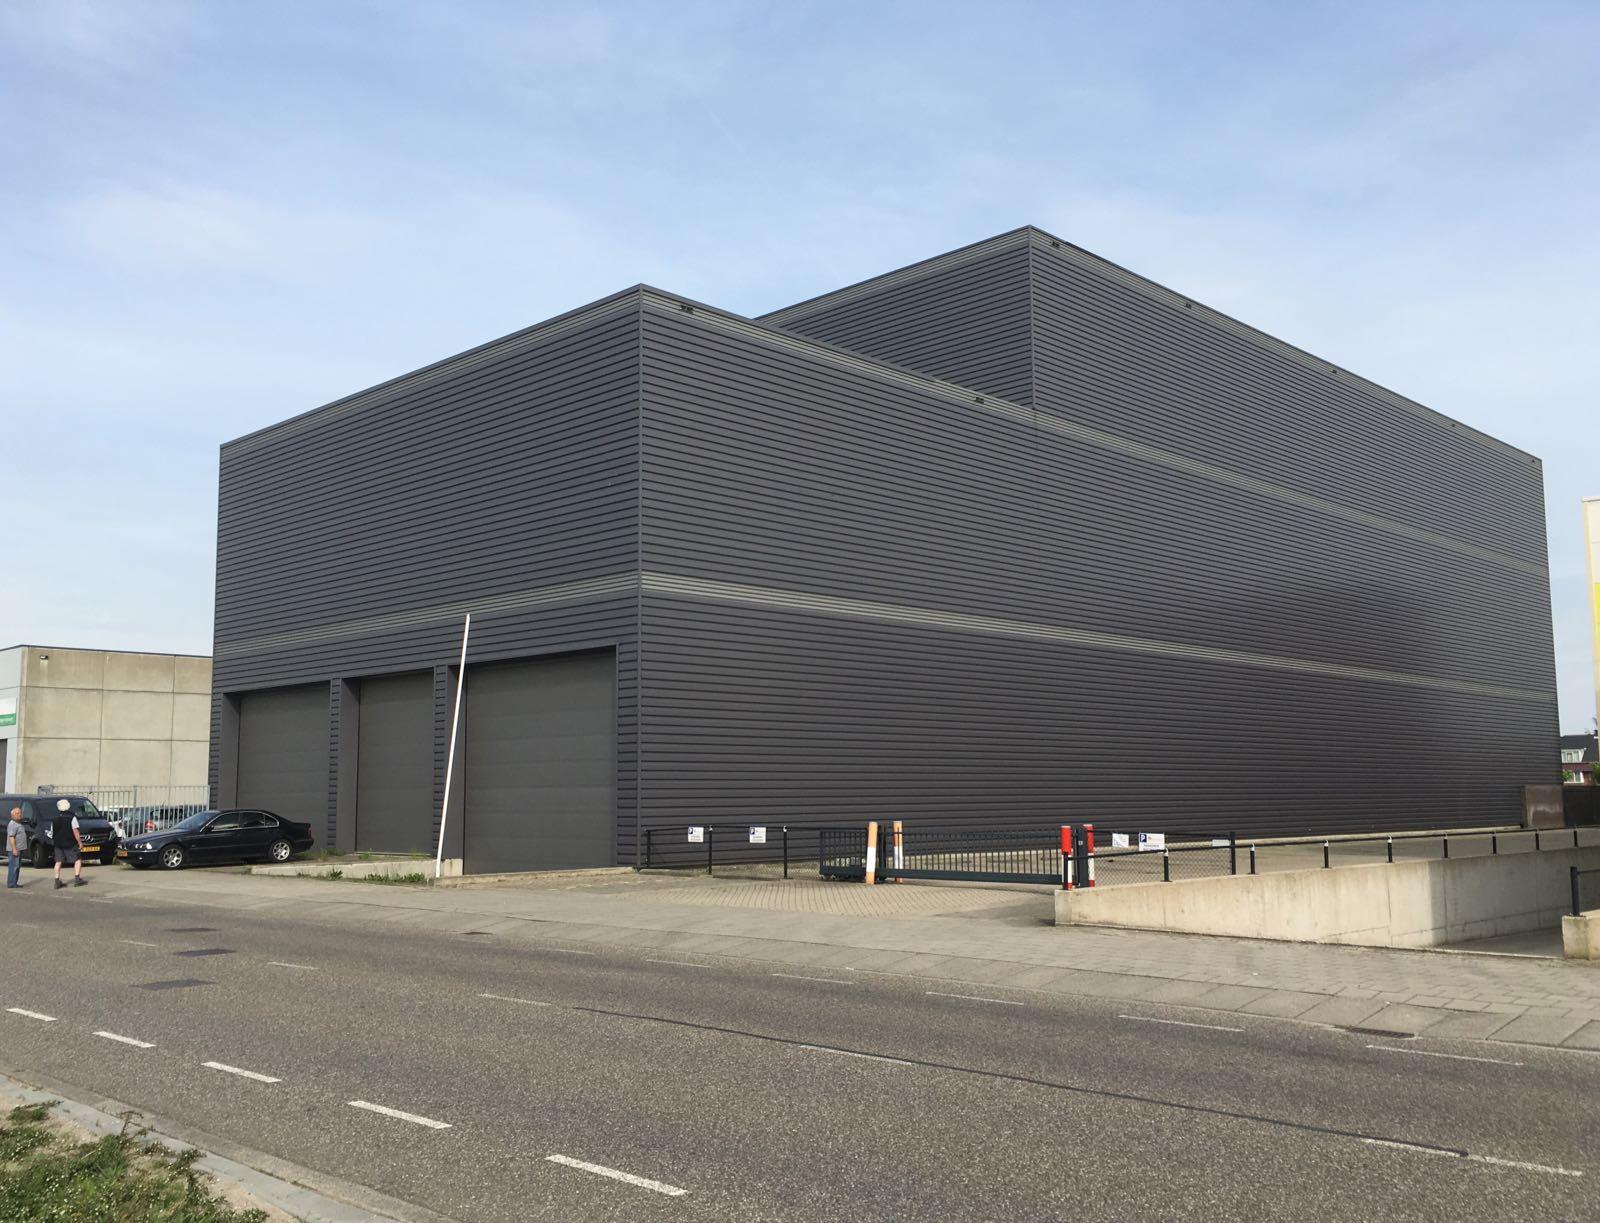 De opslagloods van Muezerie BV in Den Haag met ruimte voor opslag van 200 zeecontainers